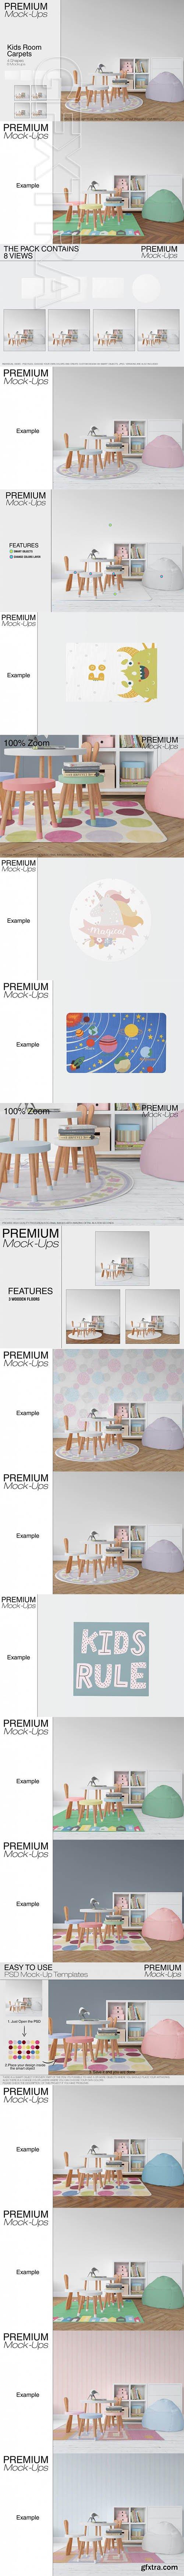 GR - Kids Room Rugs Mockups- 4 Shapes Pack